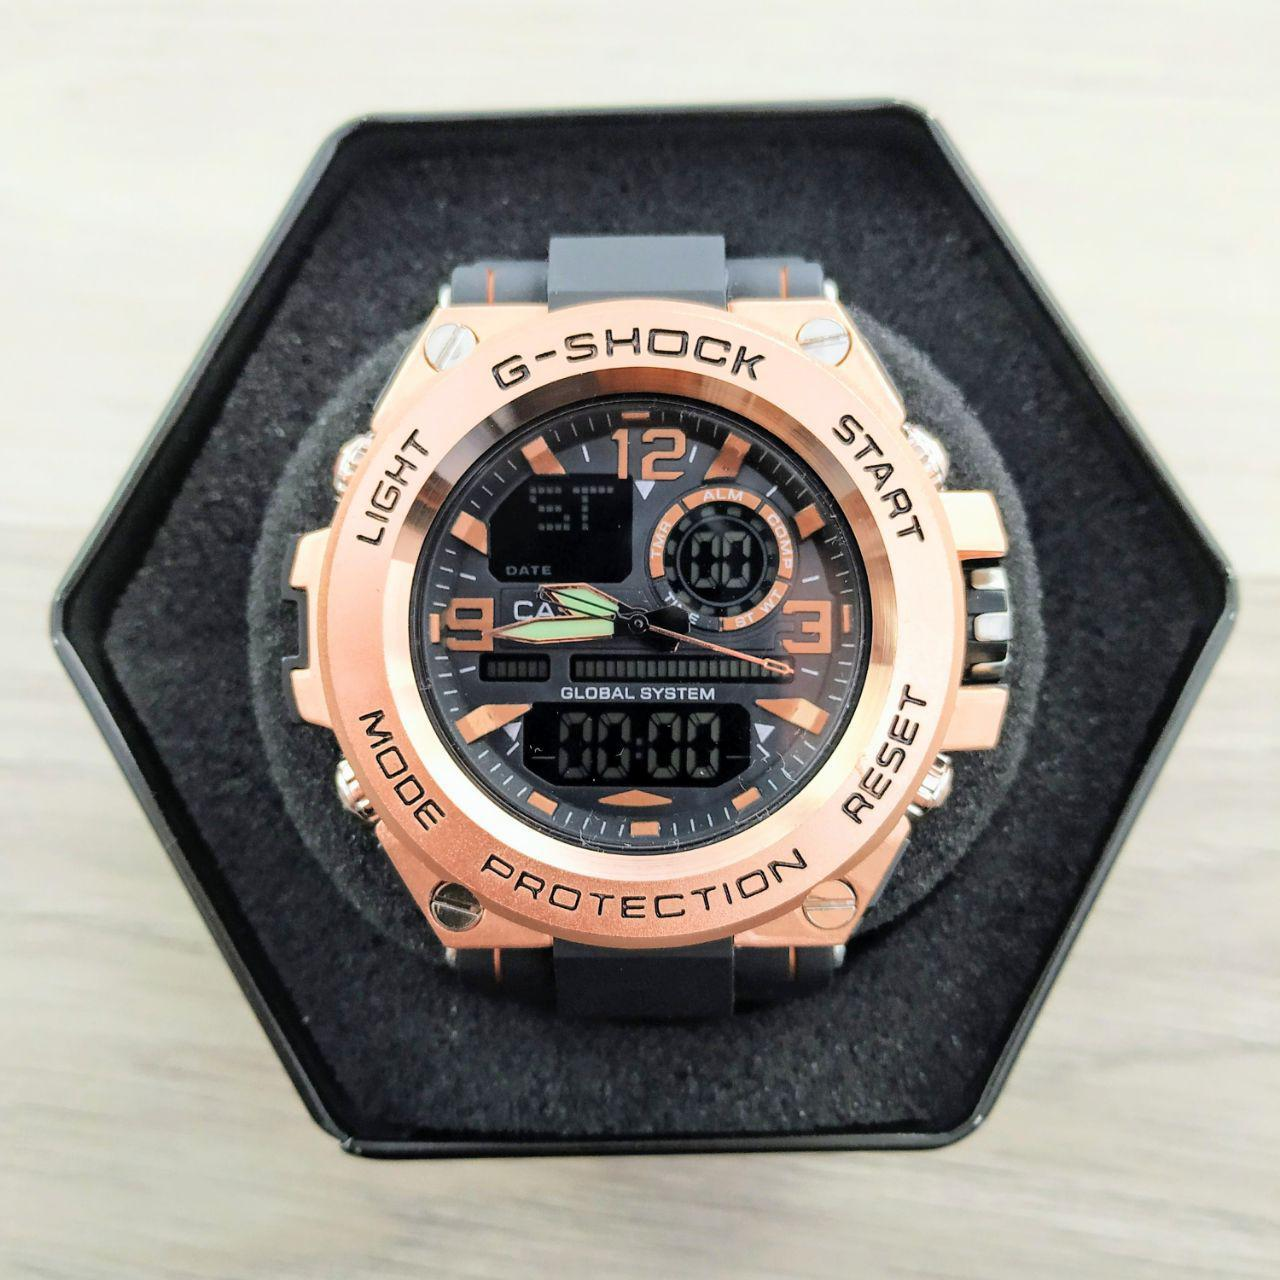 Наручные мужские часы Casio GLG-1000 Black-Cuprum